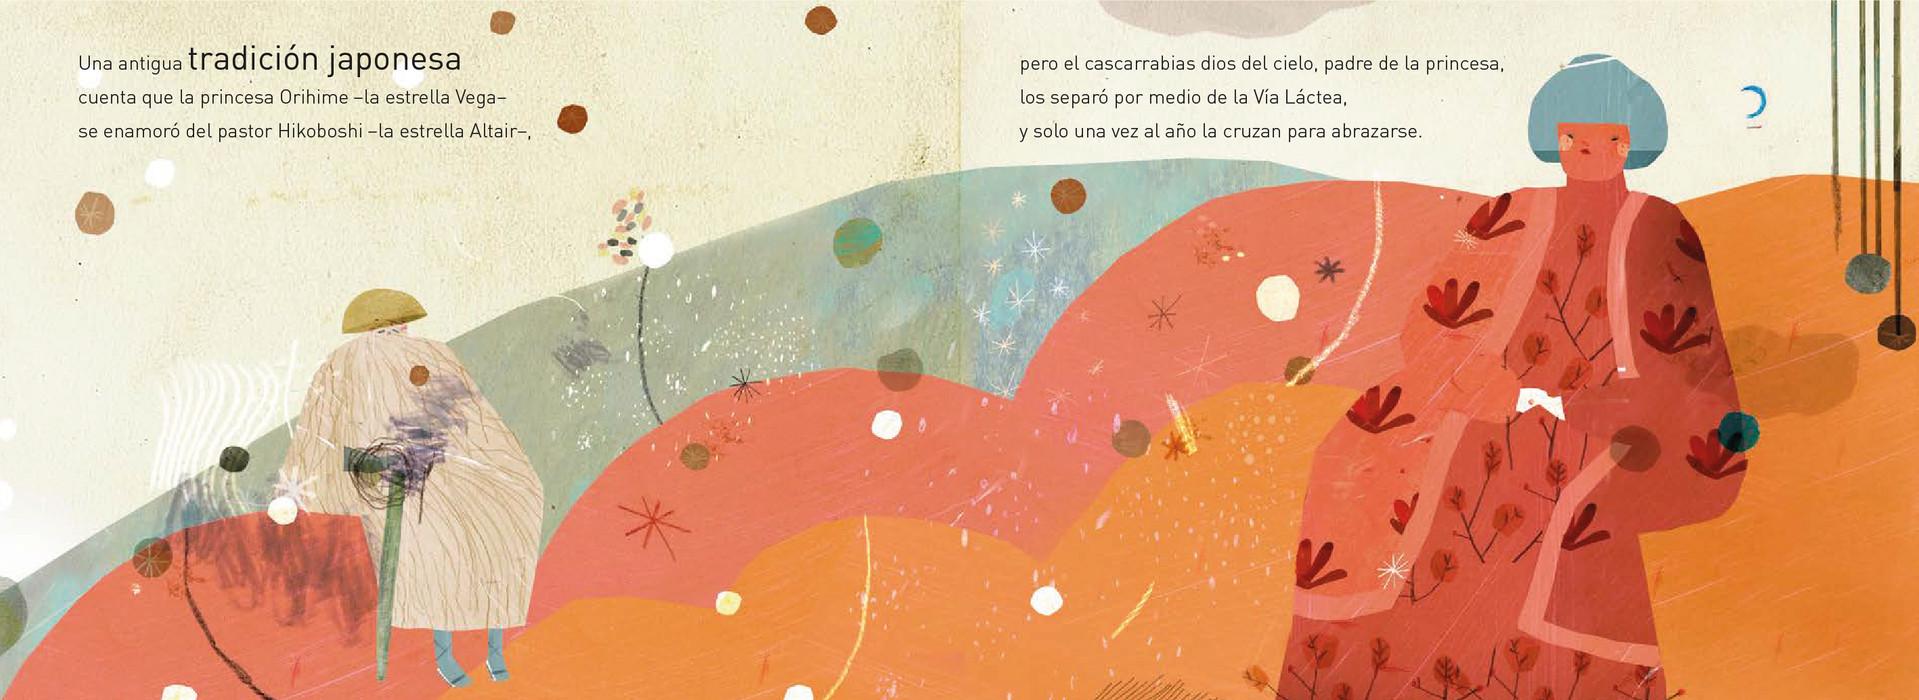 ElCieloImaginado-12.jpg